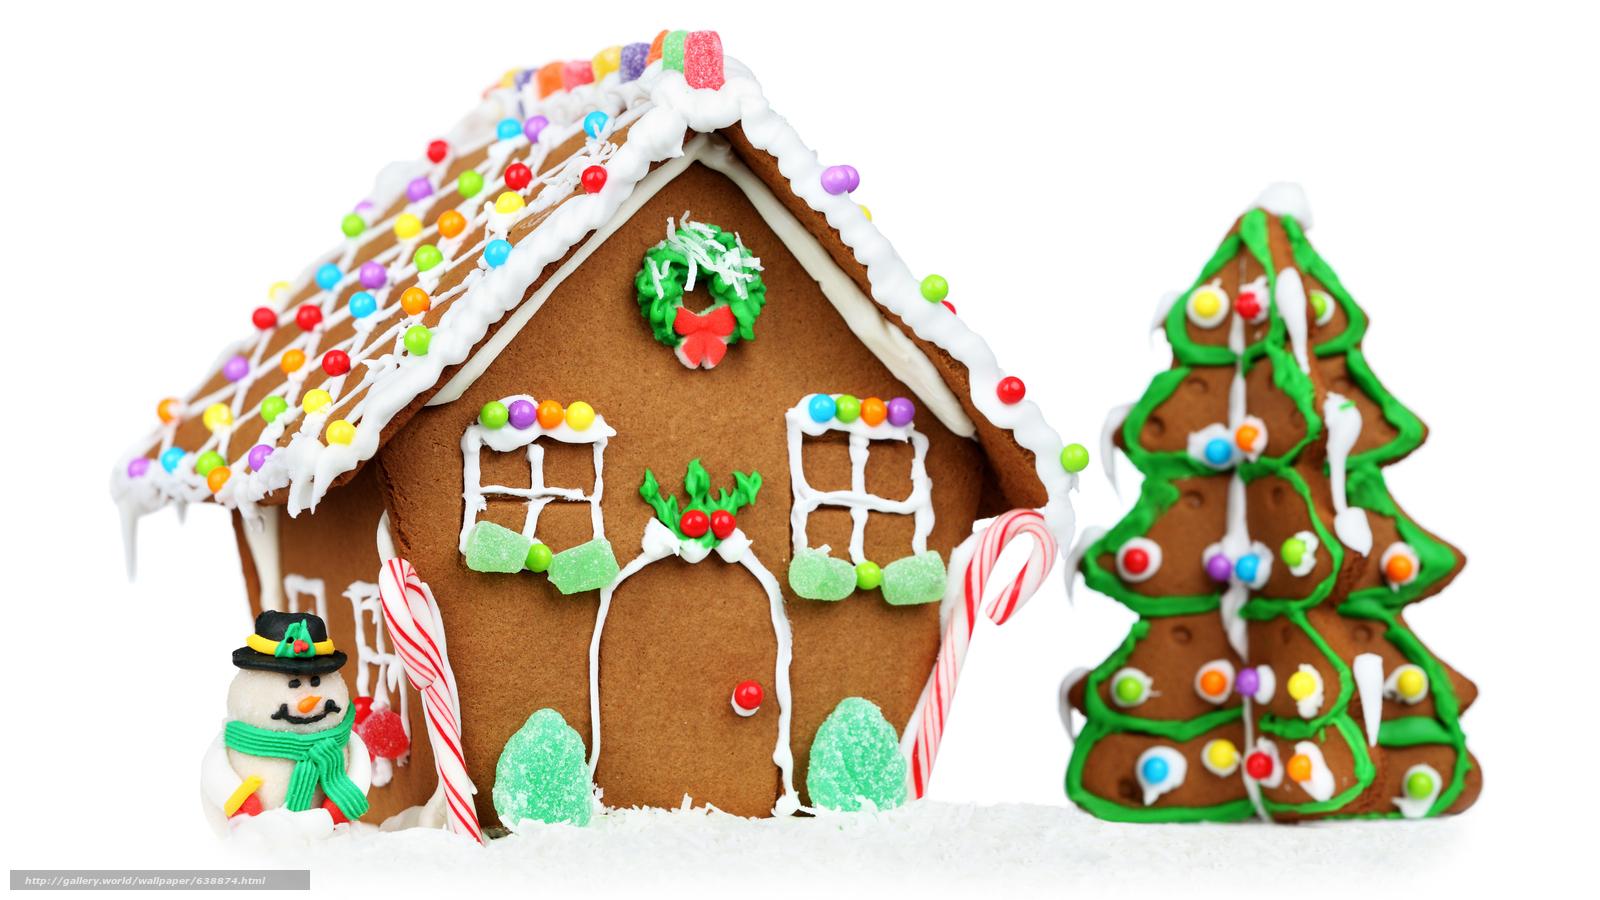 Descargar gratis Año Nuevo,  galletas,  fiesta,  casa de jengibre Fondos de escritorio en la resolucin 7680x4320 — imagen №638874